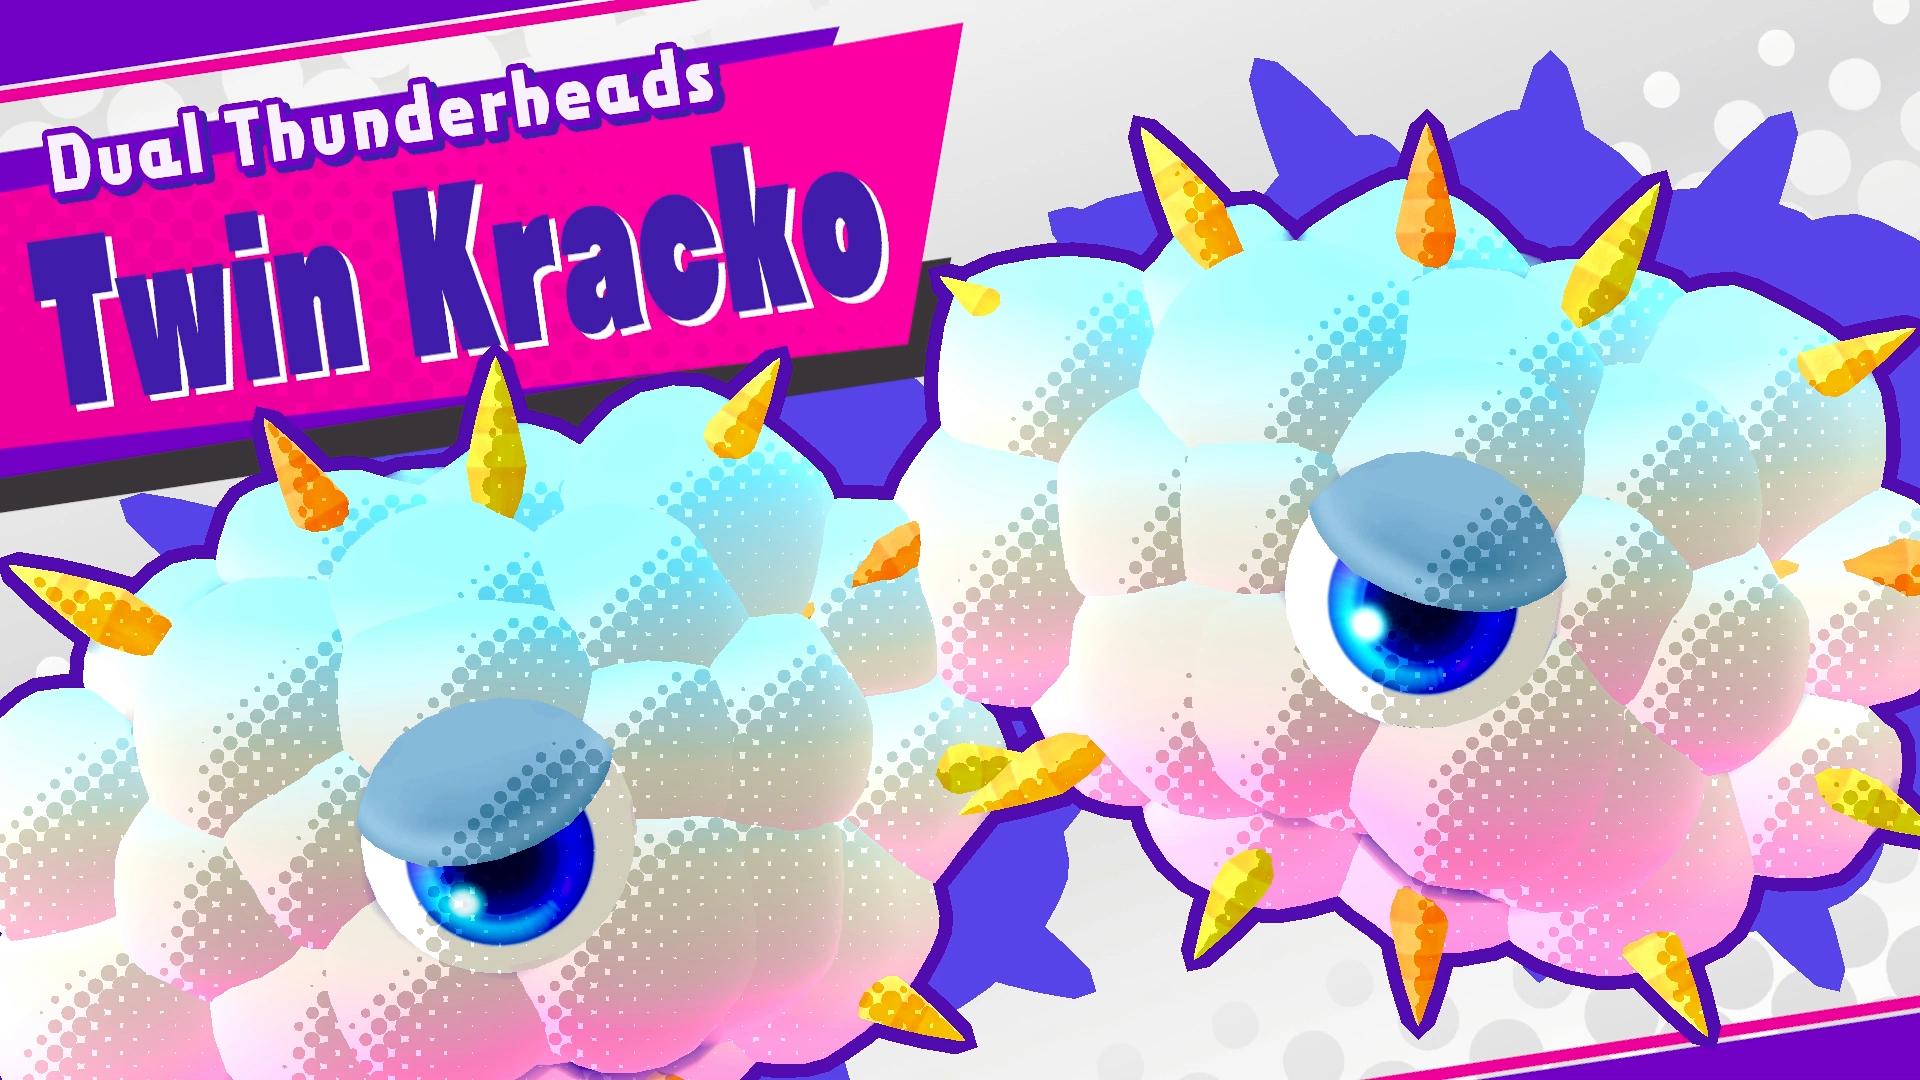 Kracko